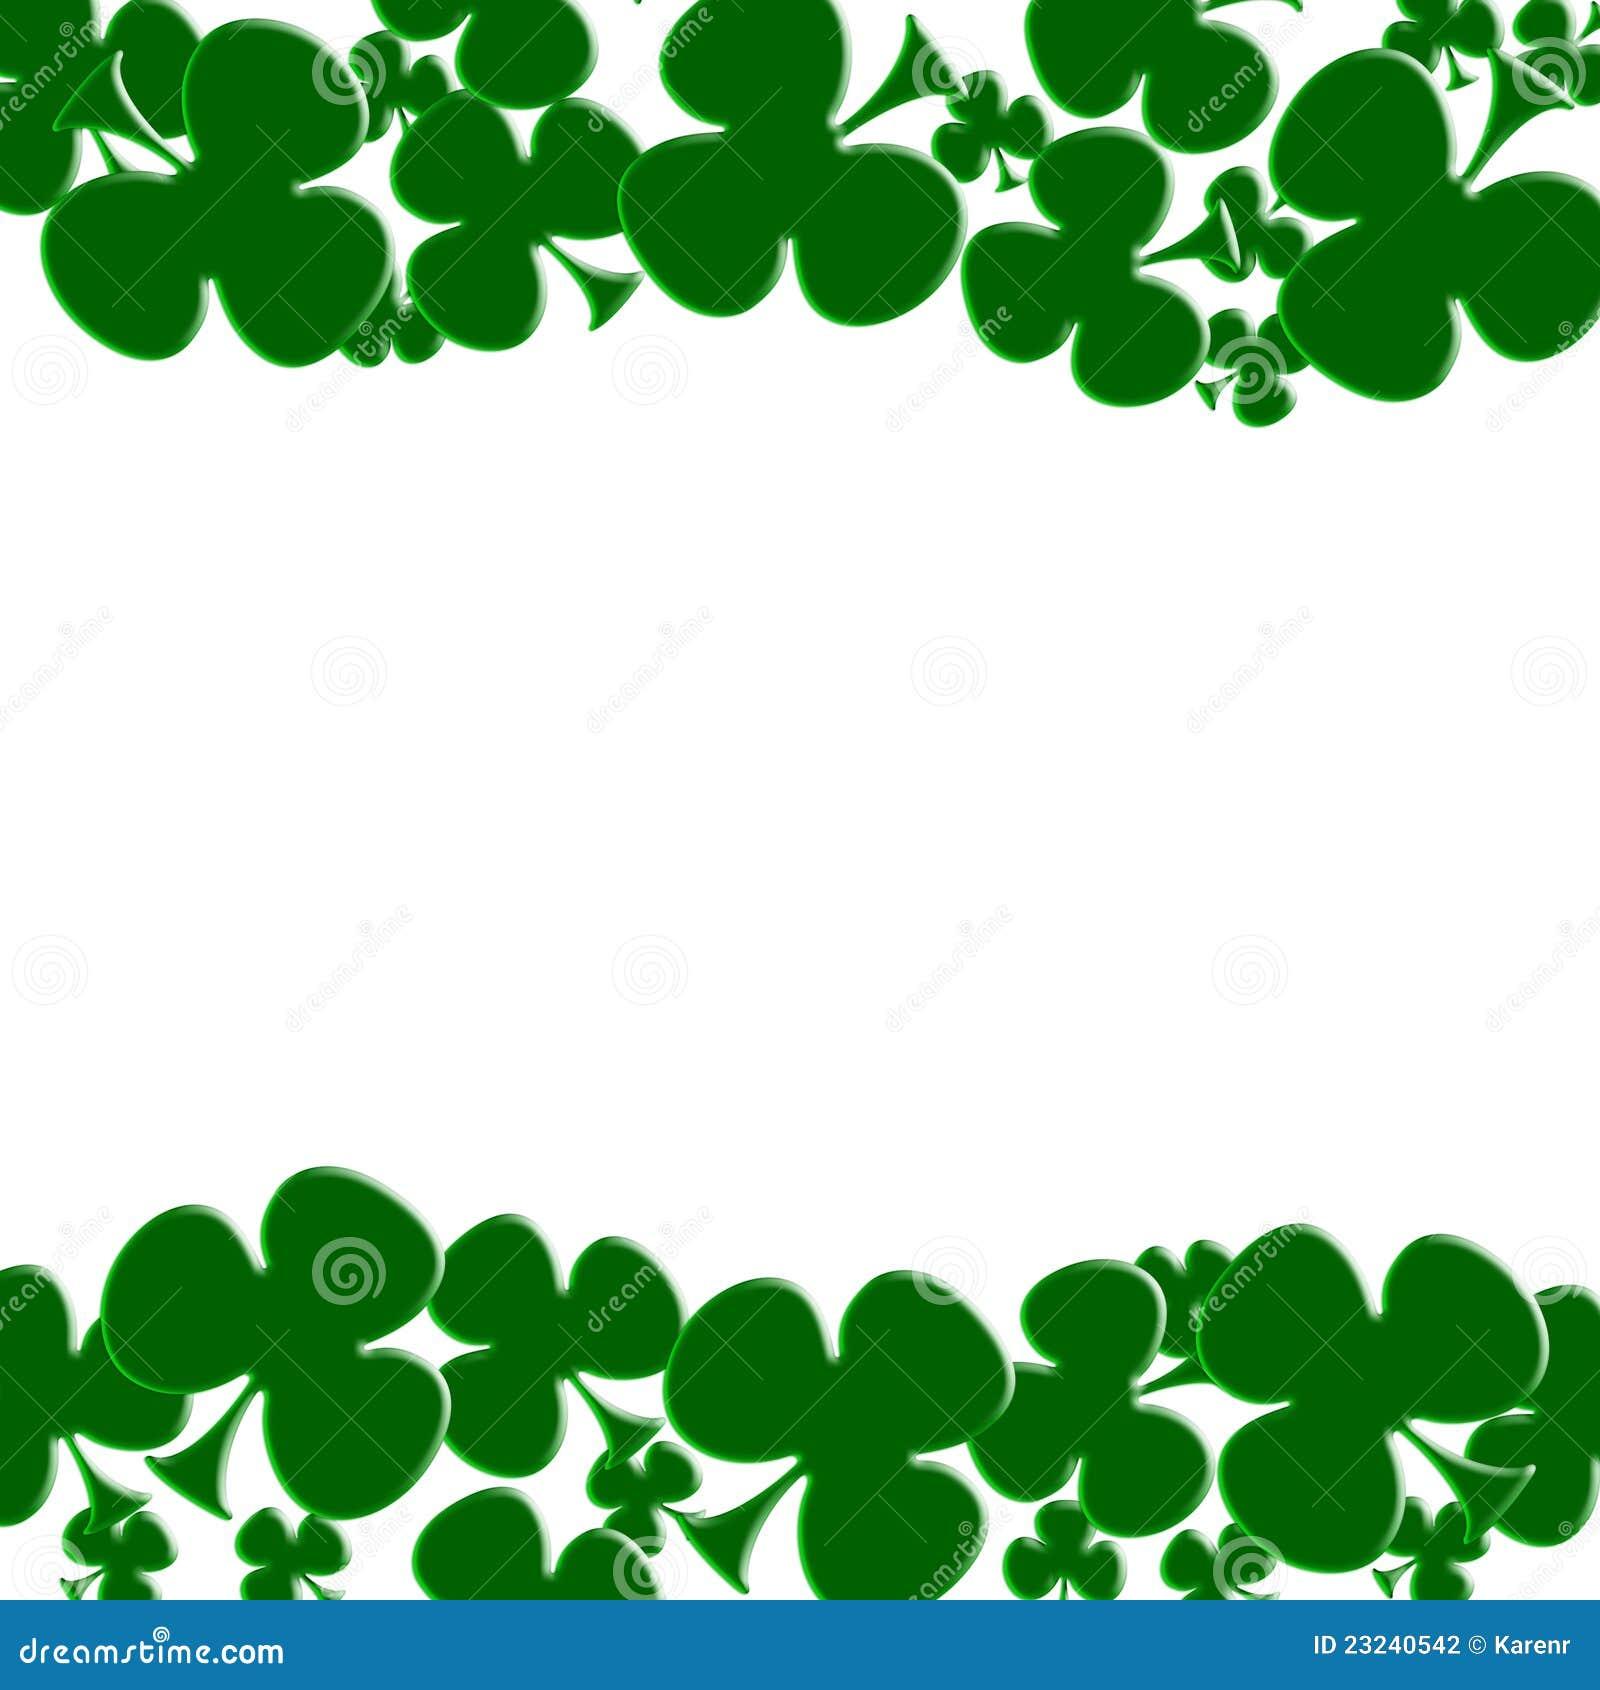 Green shamrocks on white for a Saint Patricks background.